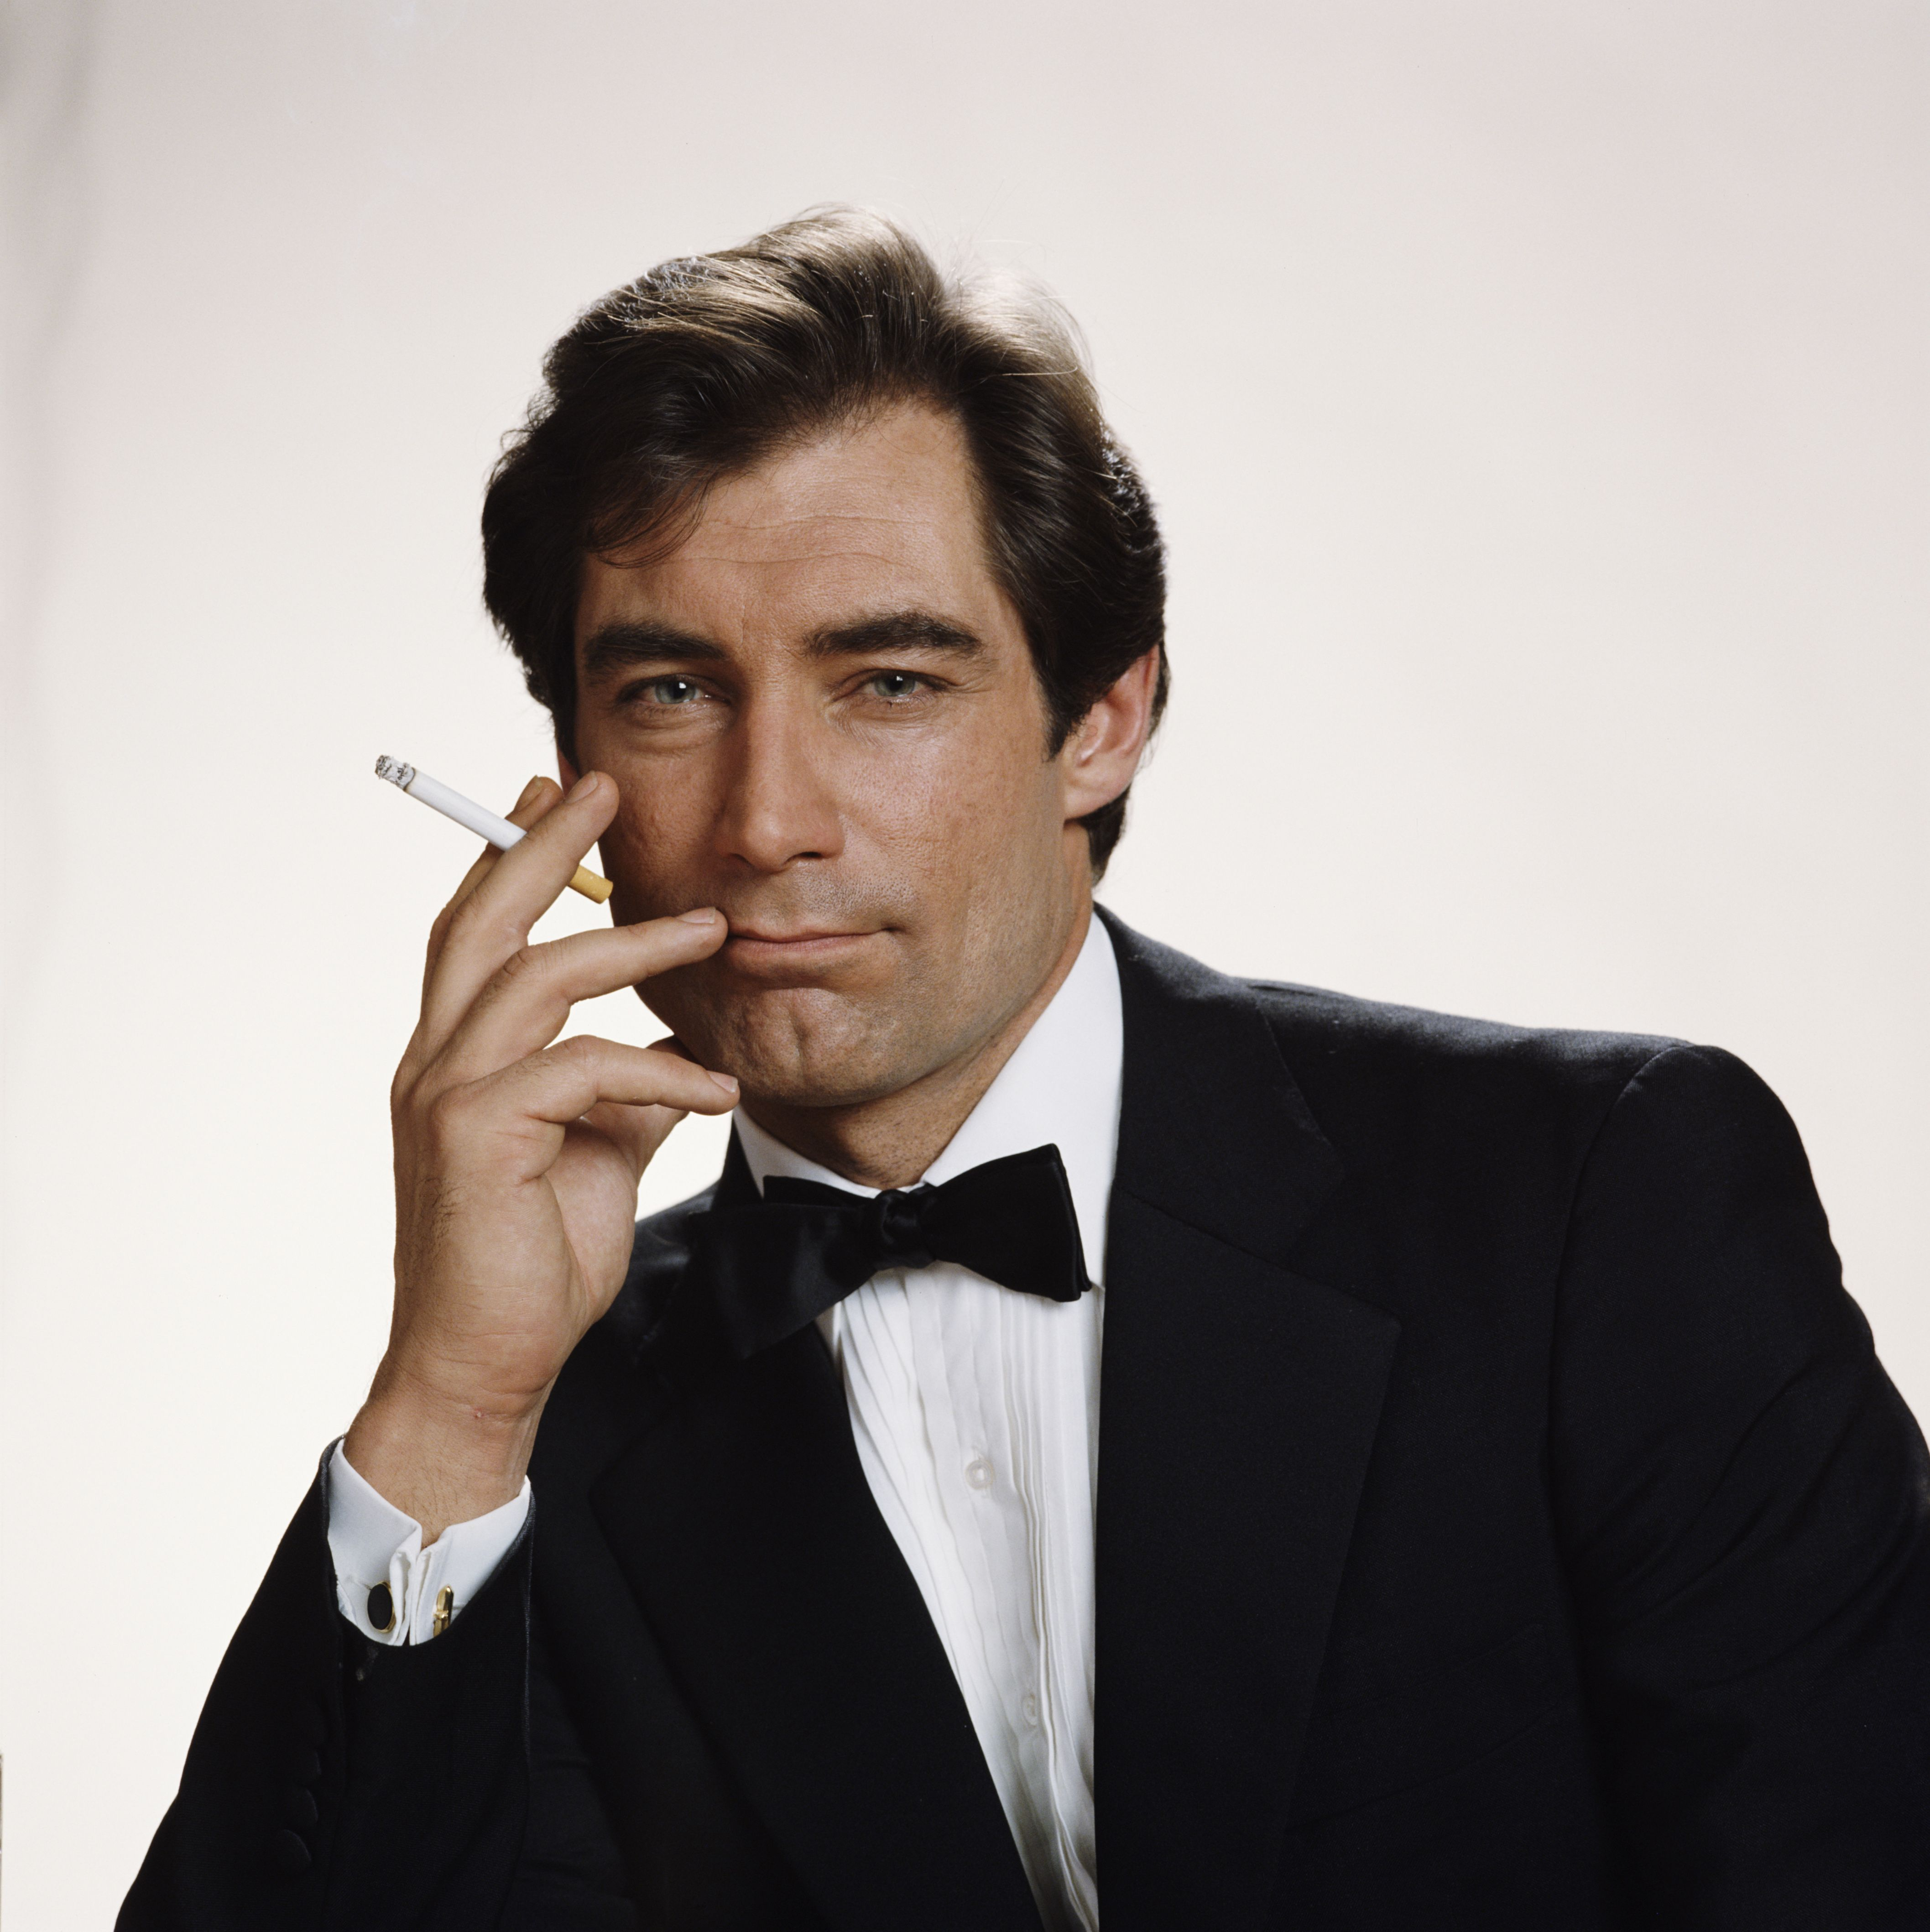 Dalton As Bond